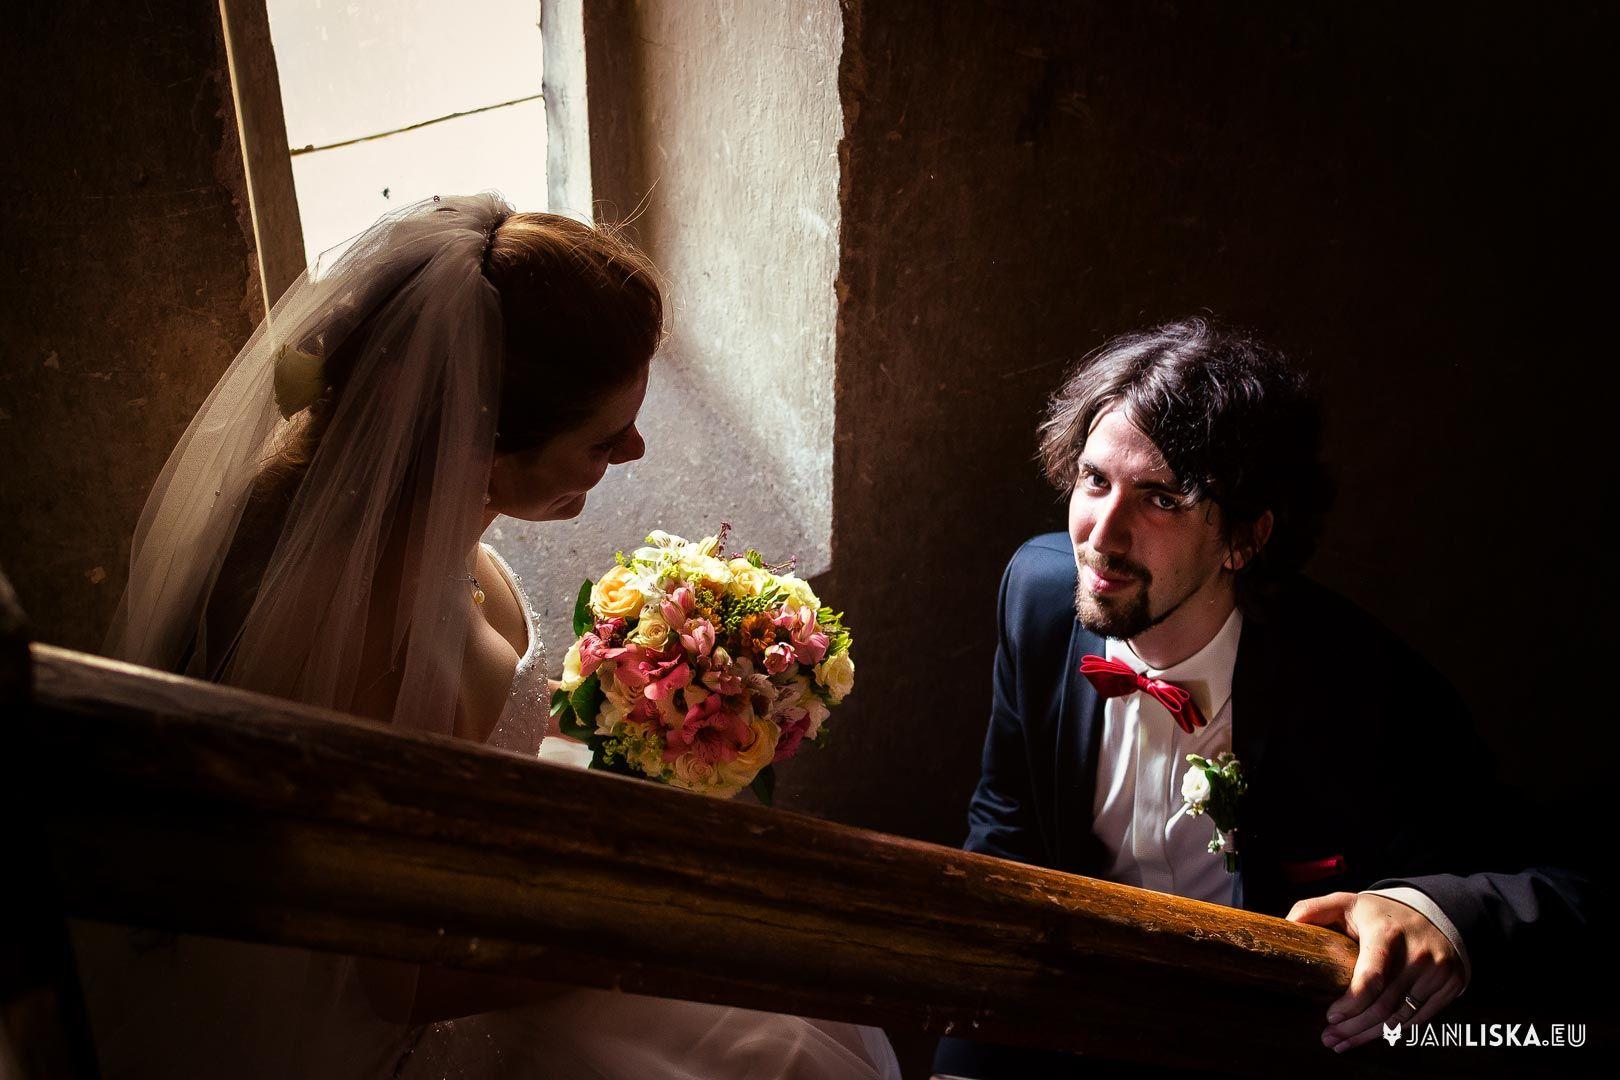 Svatební fotograf jižní Čechy